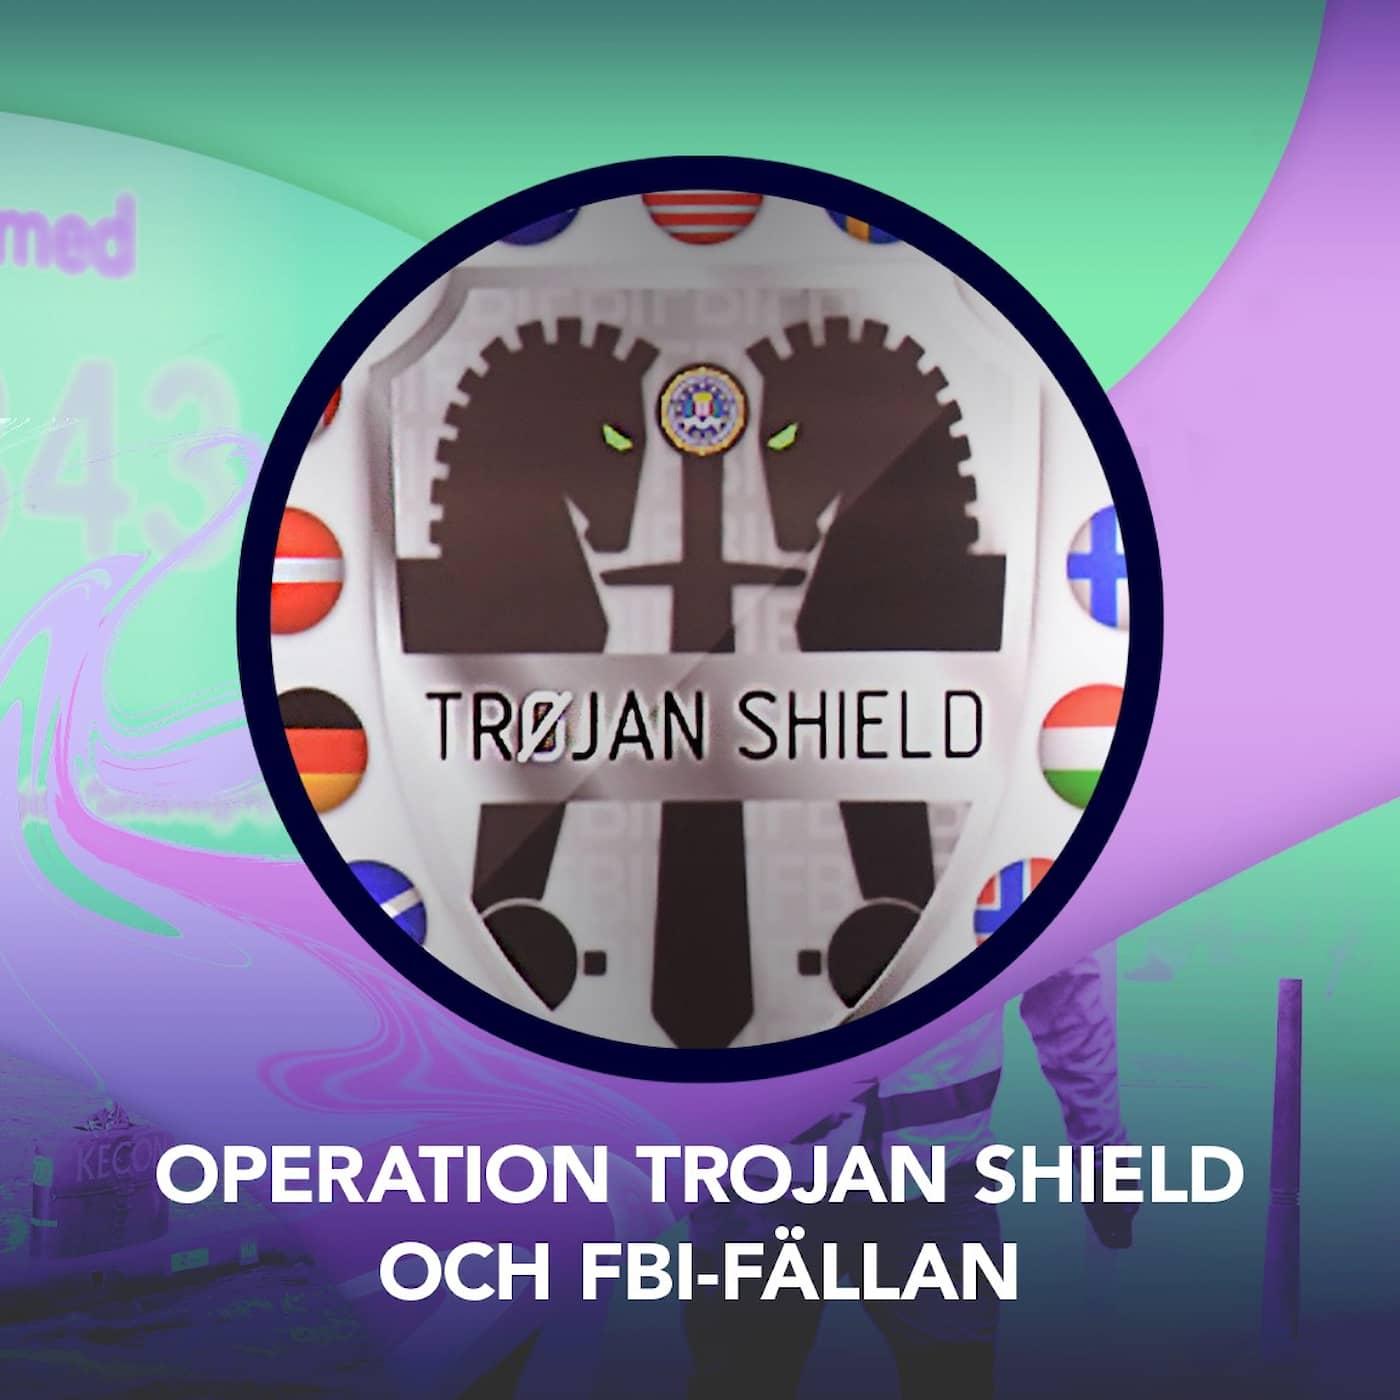 Operation Trojan Shield och FBI-fällan - P3 Nyheter Dokumentär